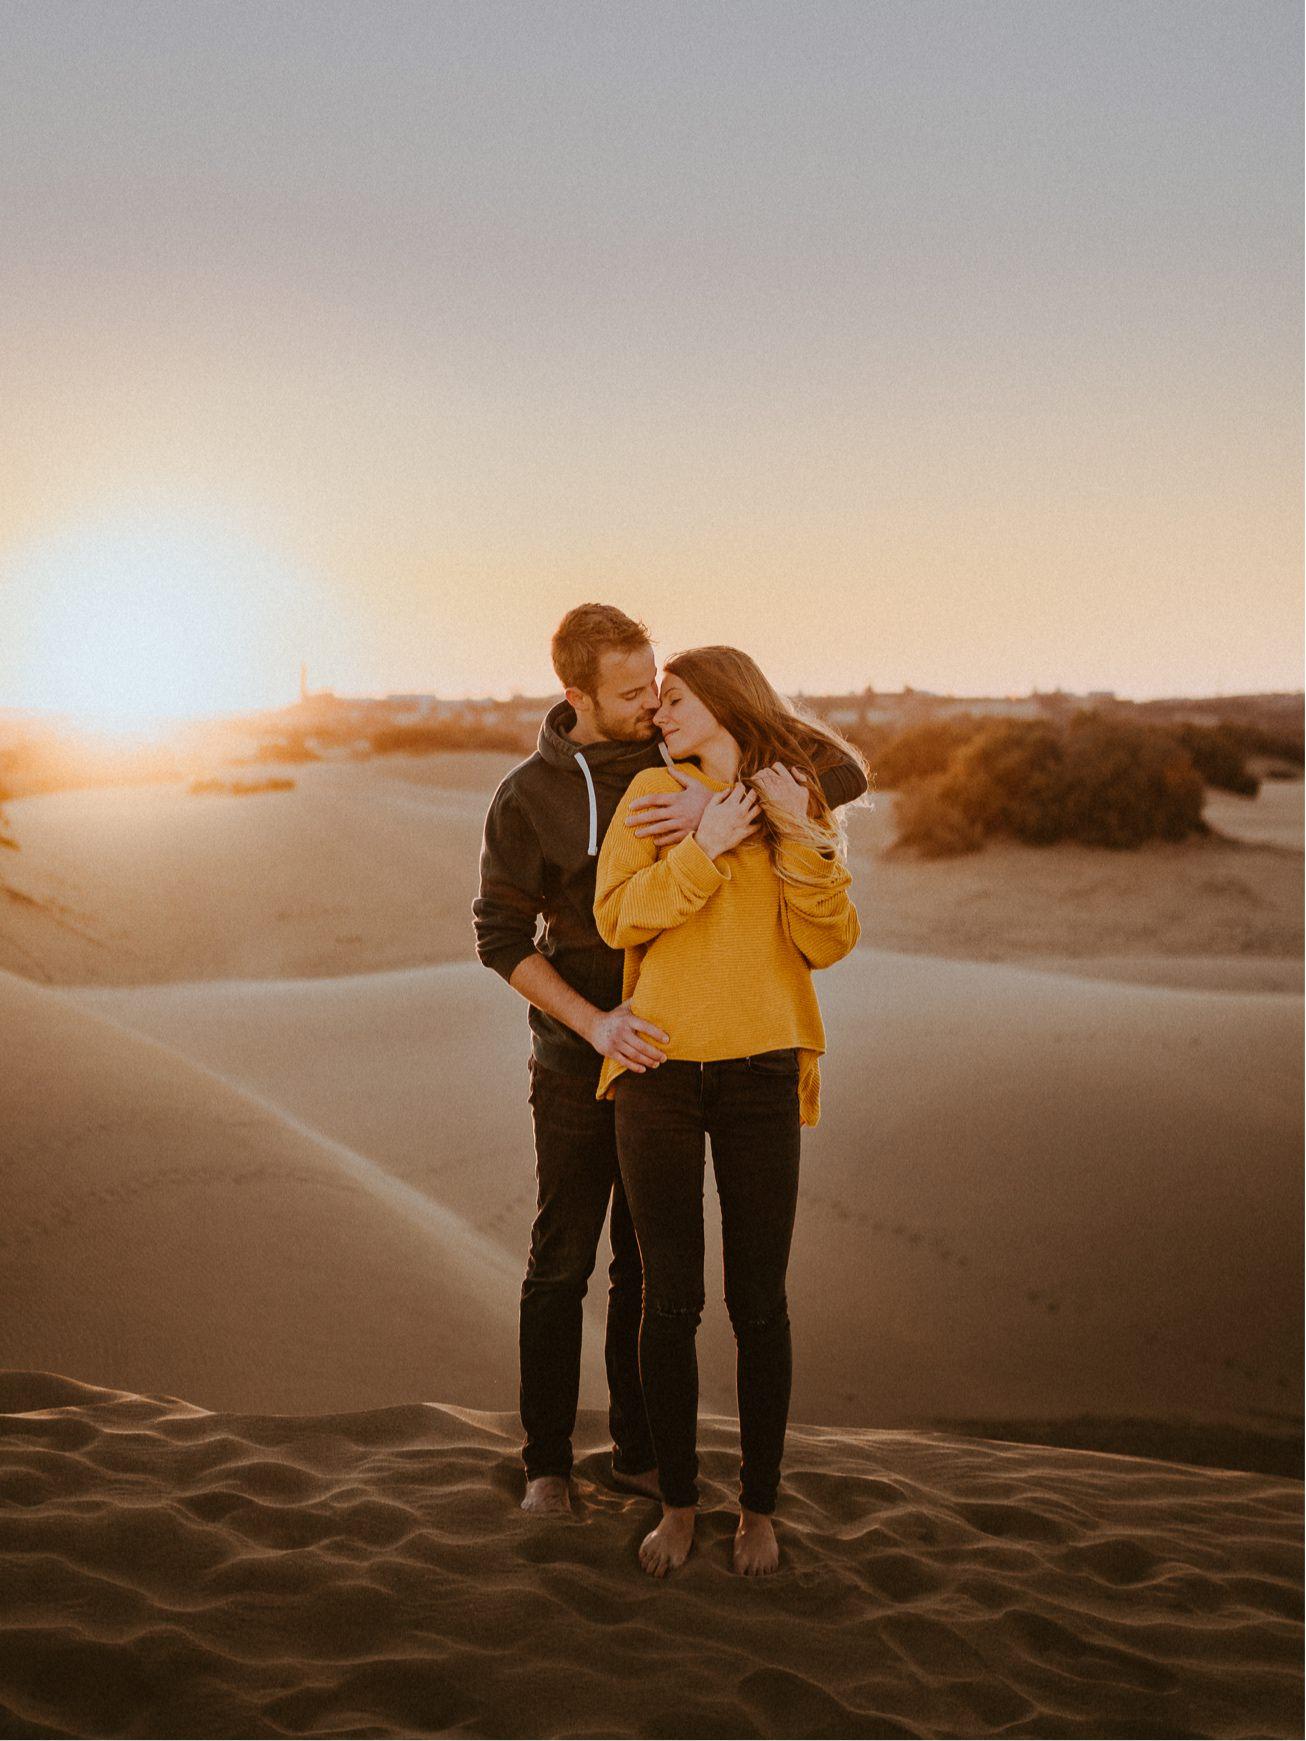 Spain Canary Islands Wedding couple photographer 18